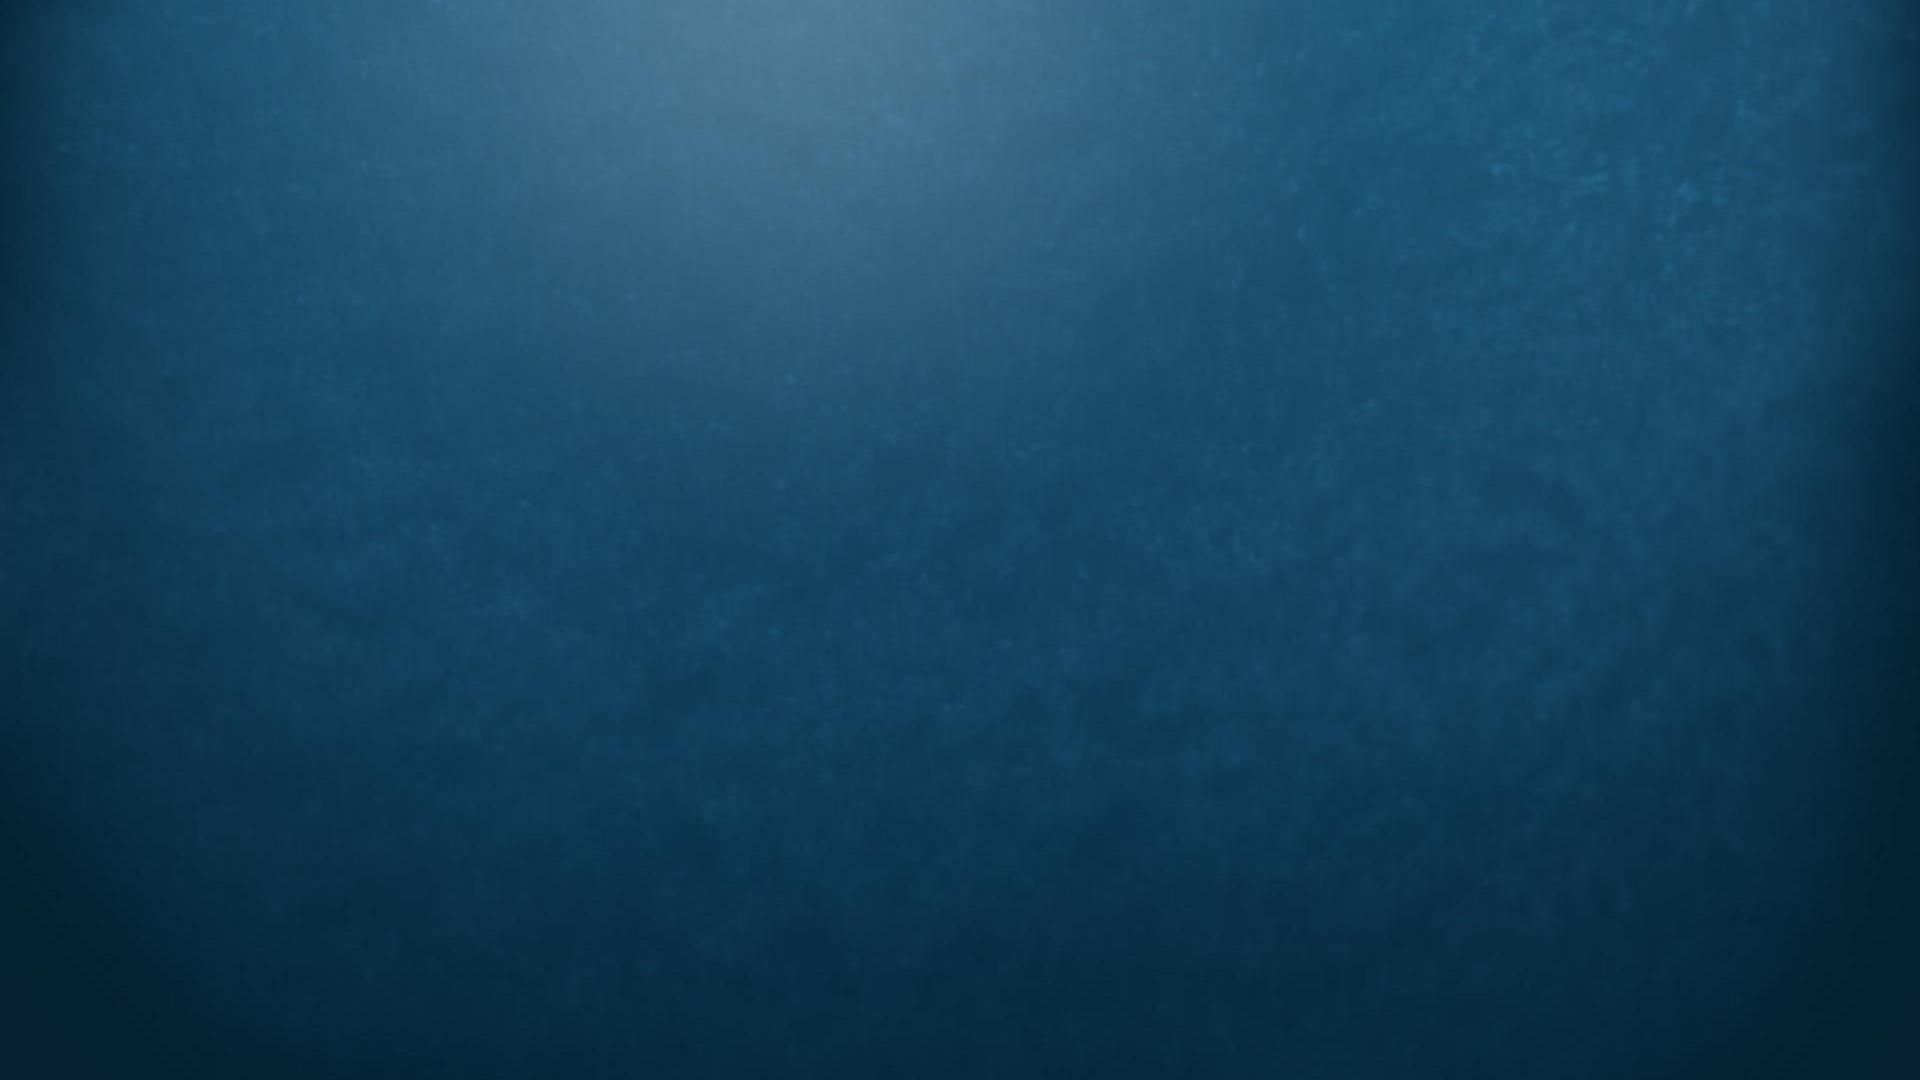 Plain Blue Wallpaper wallpaper Plain Blue Wallpaper hd wallpaper 1920x1080